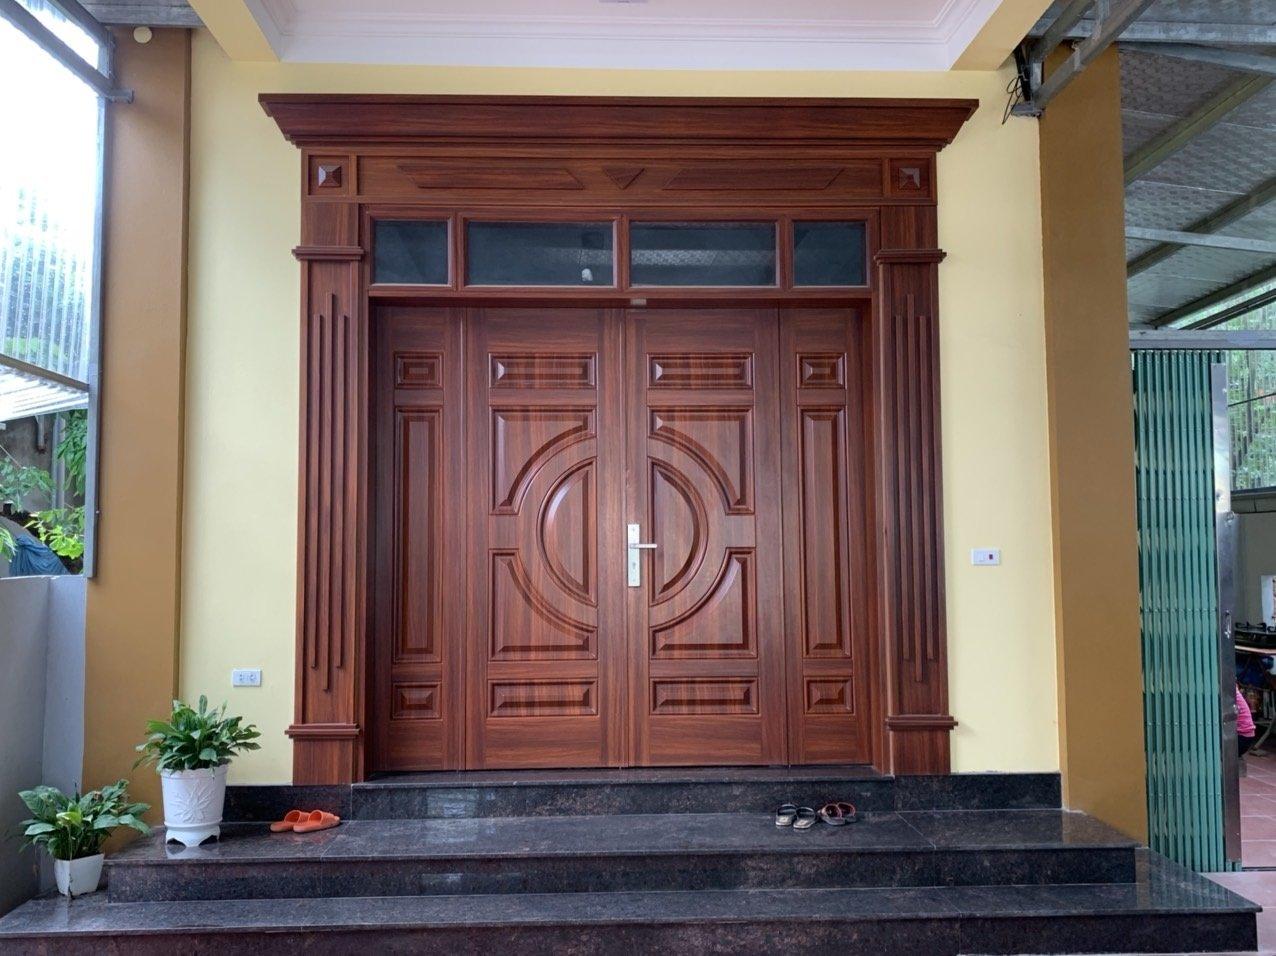 Báo giá cửa sắt vân gỗ chính hãng tại Cửa Thép Việt